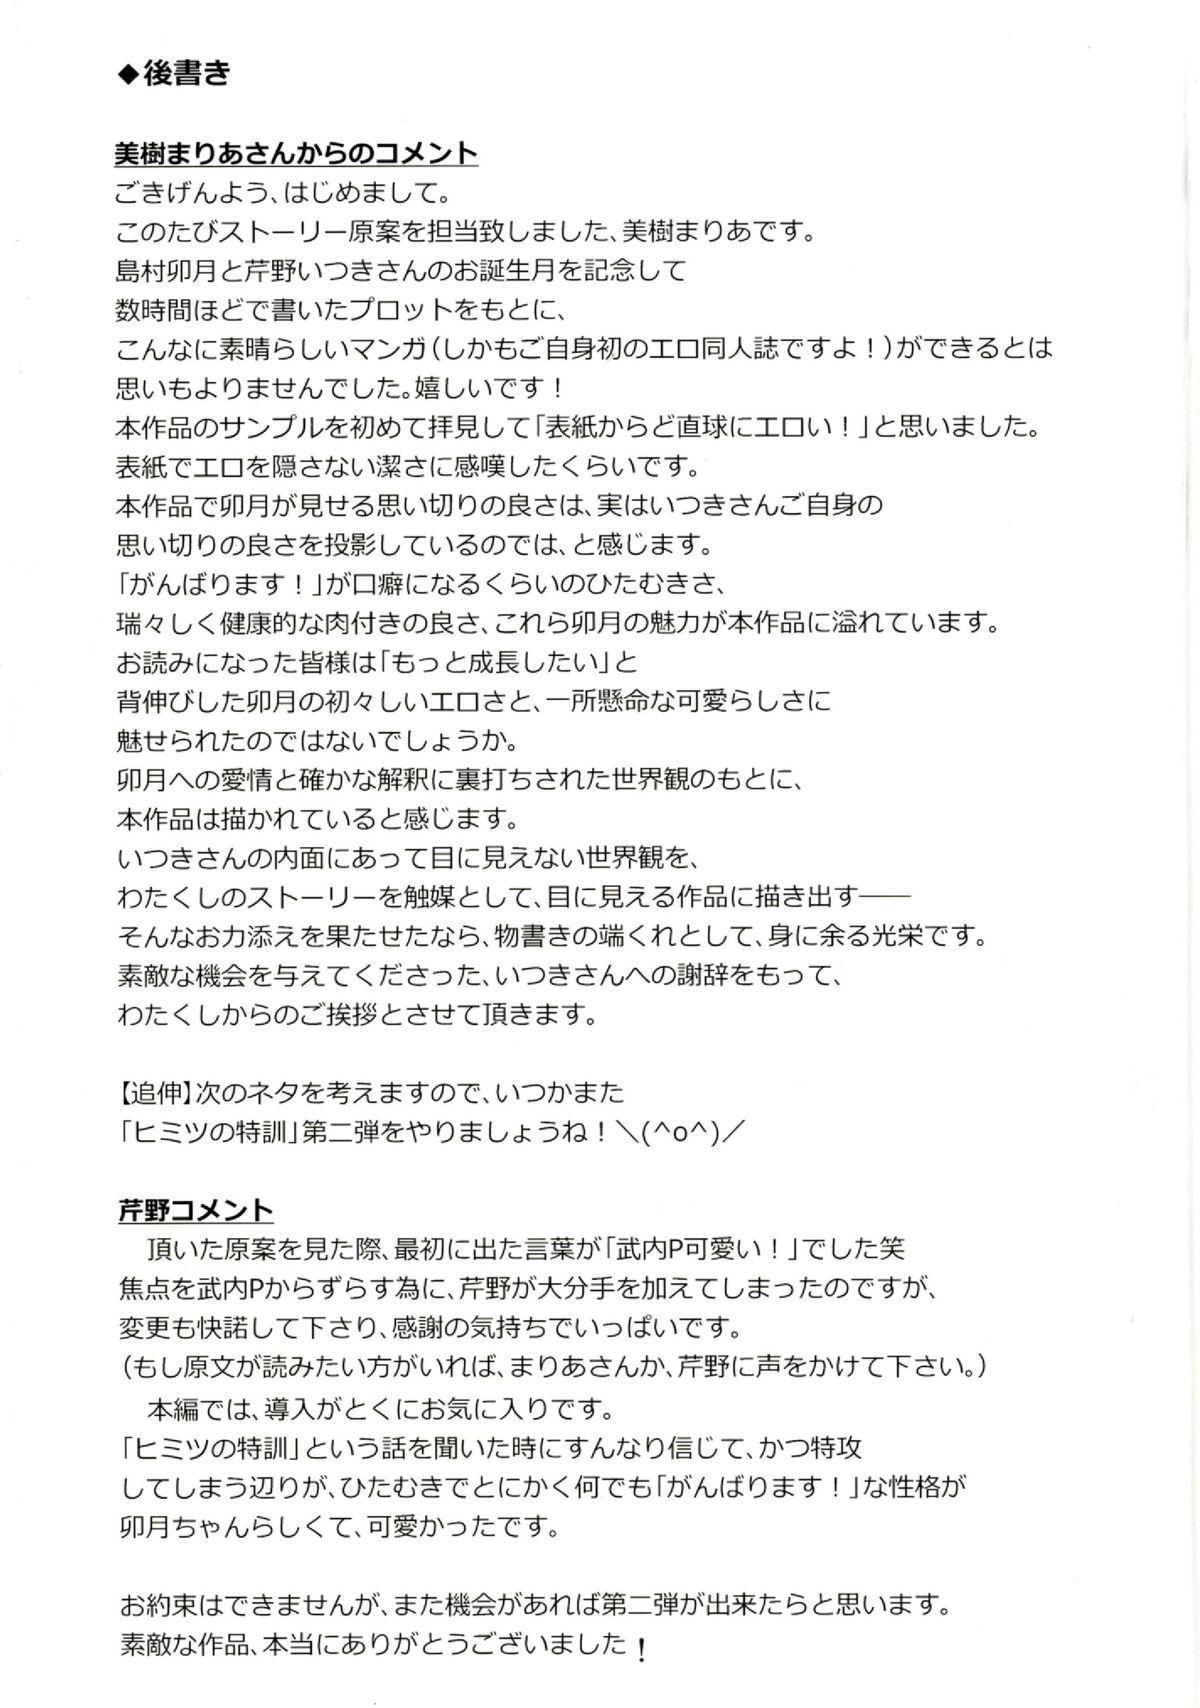 Himitsu no Tokkun 32